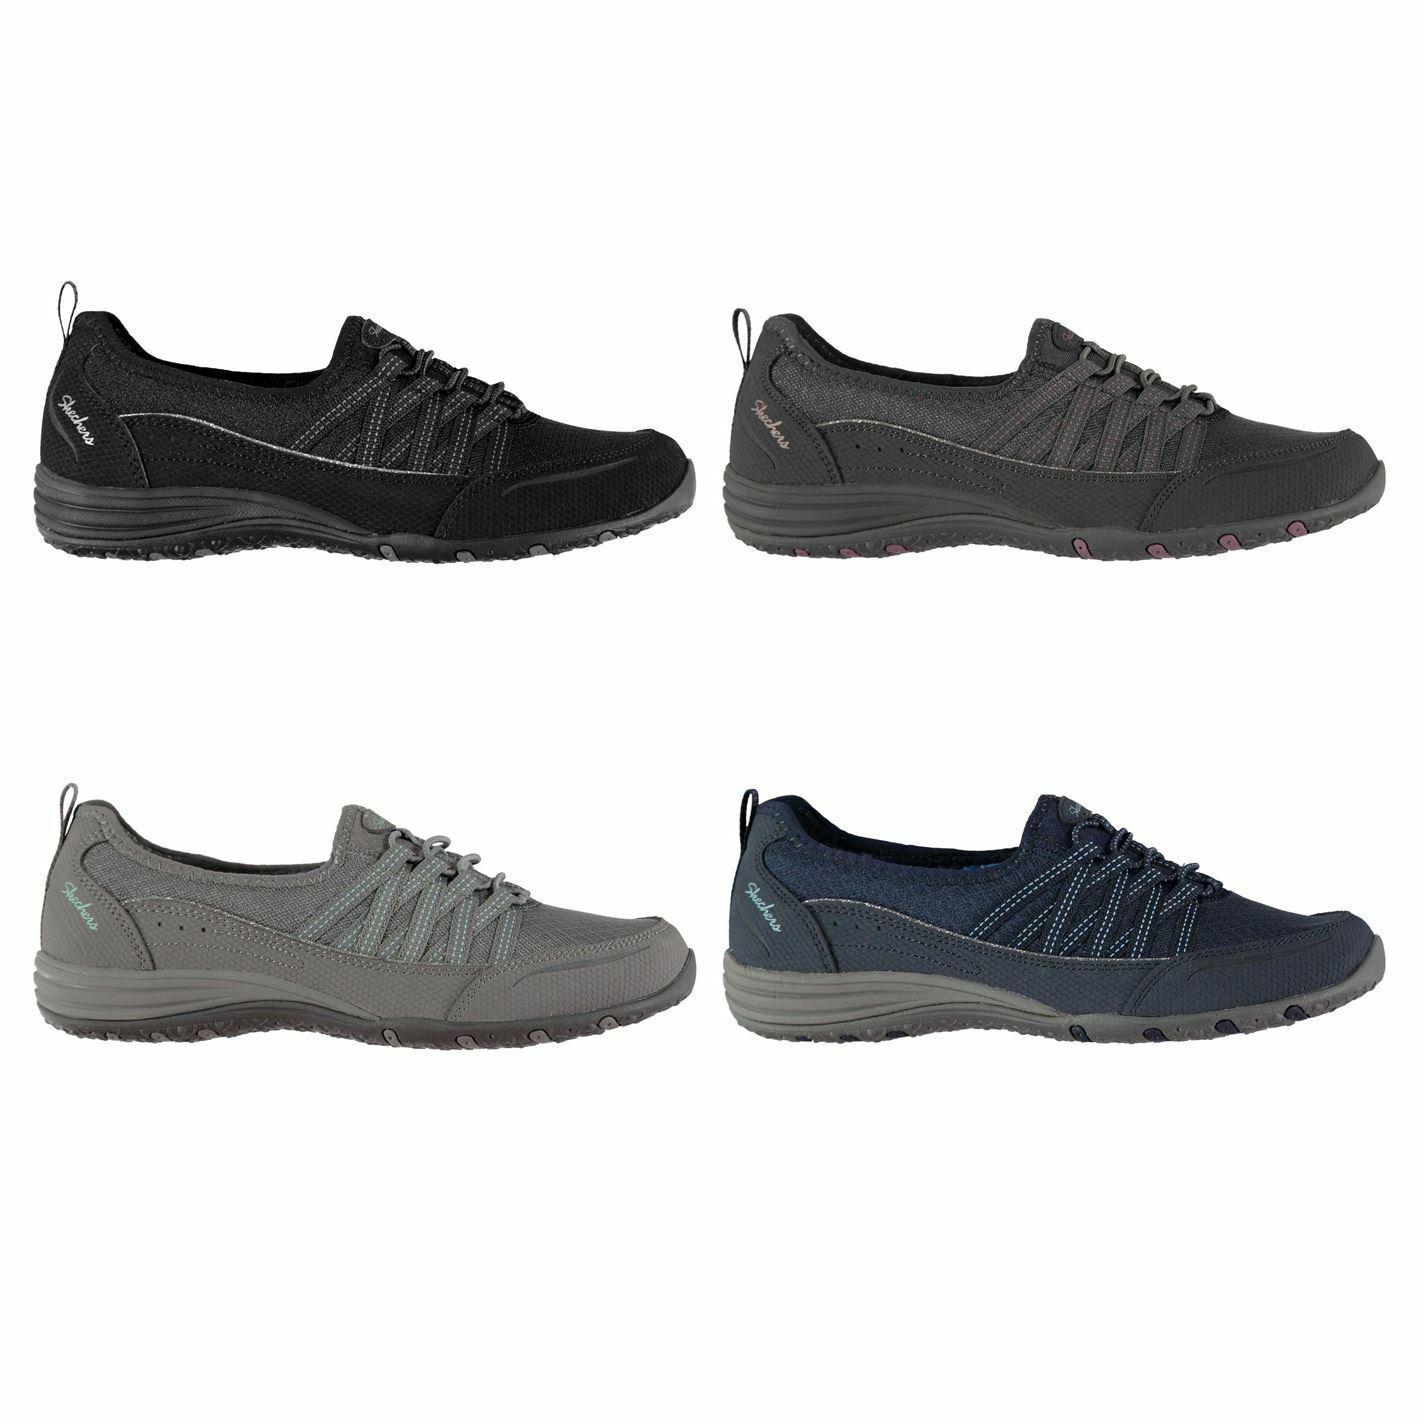 Skechers Unity Go Ladies Trainers shoes Womens Footwear